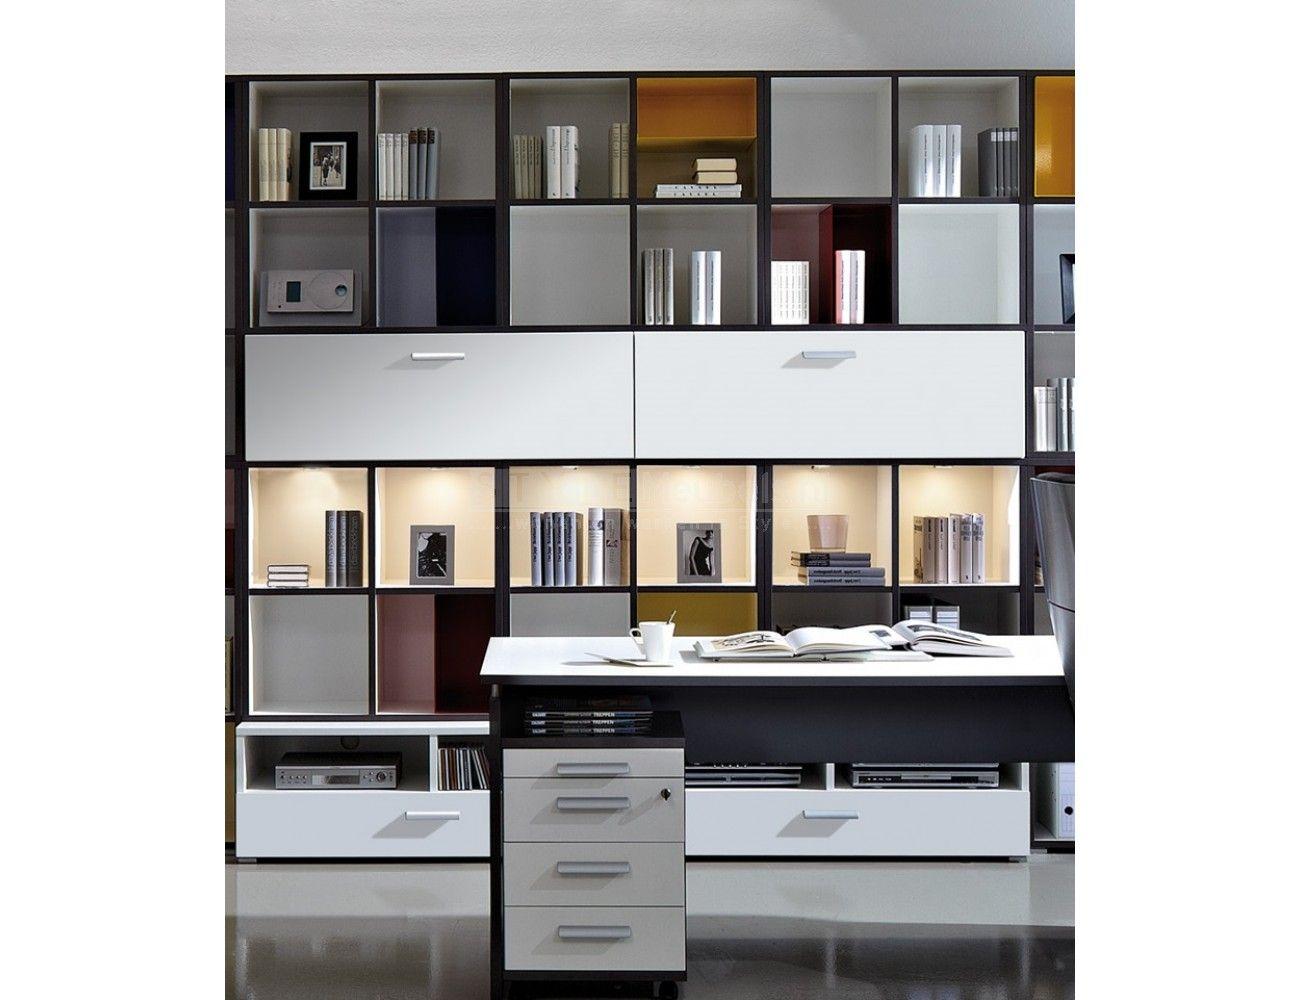 Boekenkast modern wit google zoeken woonkamer pinterest searching - Moderne boekenkast ...